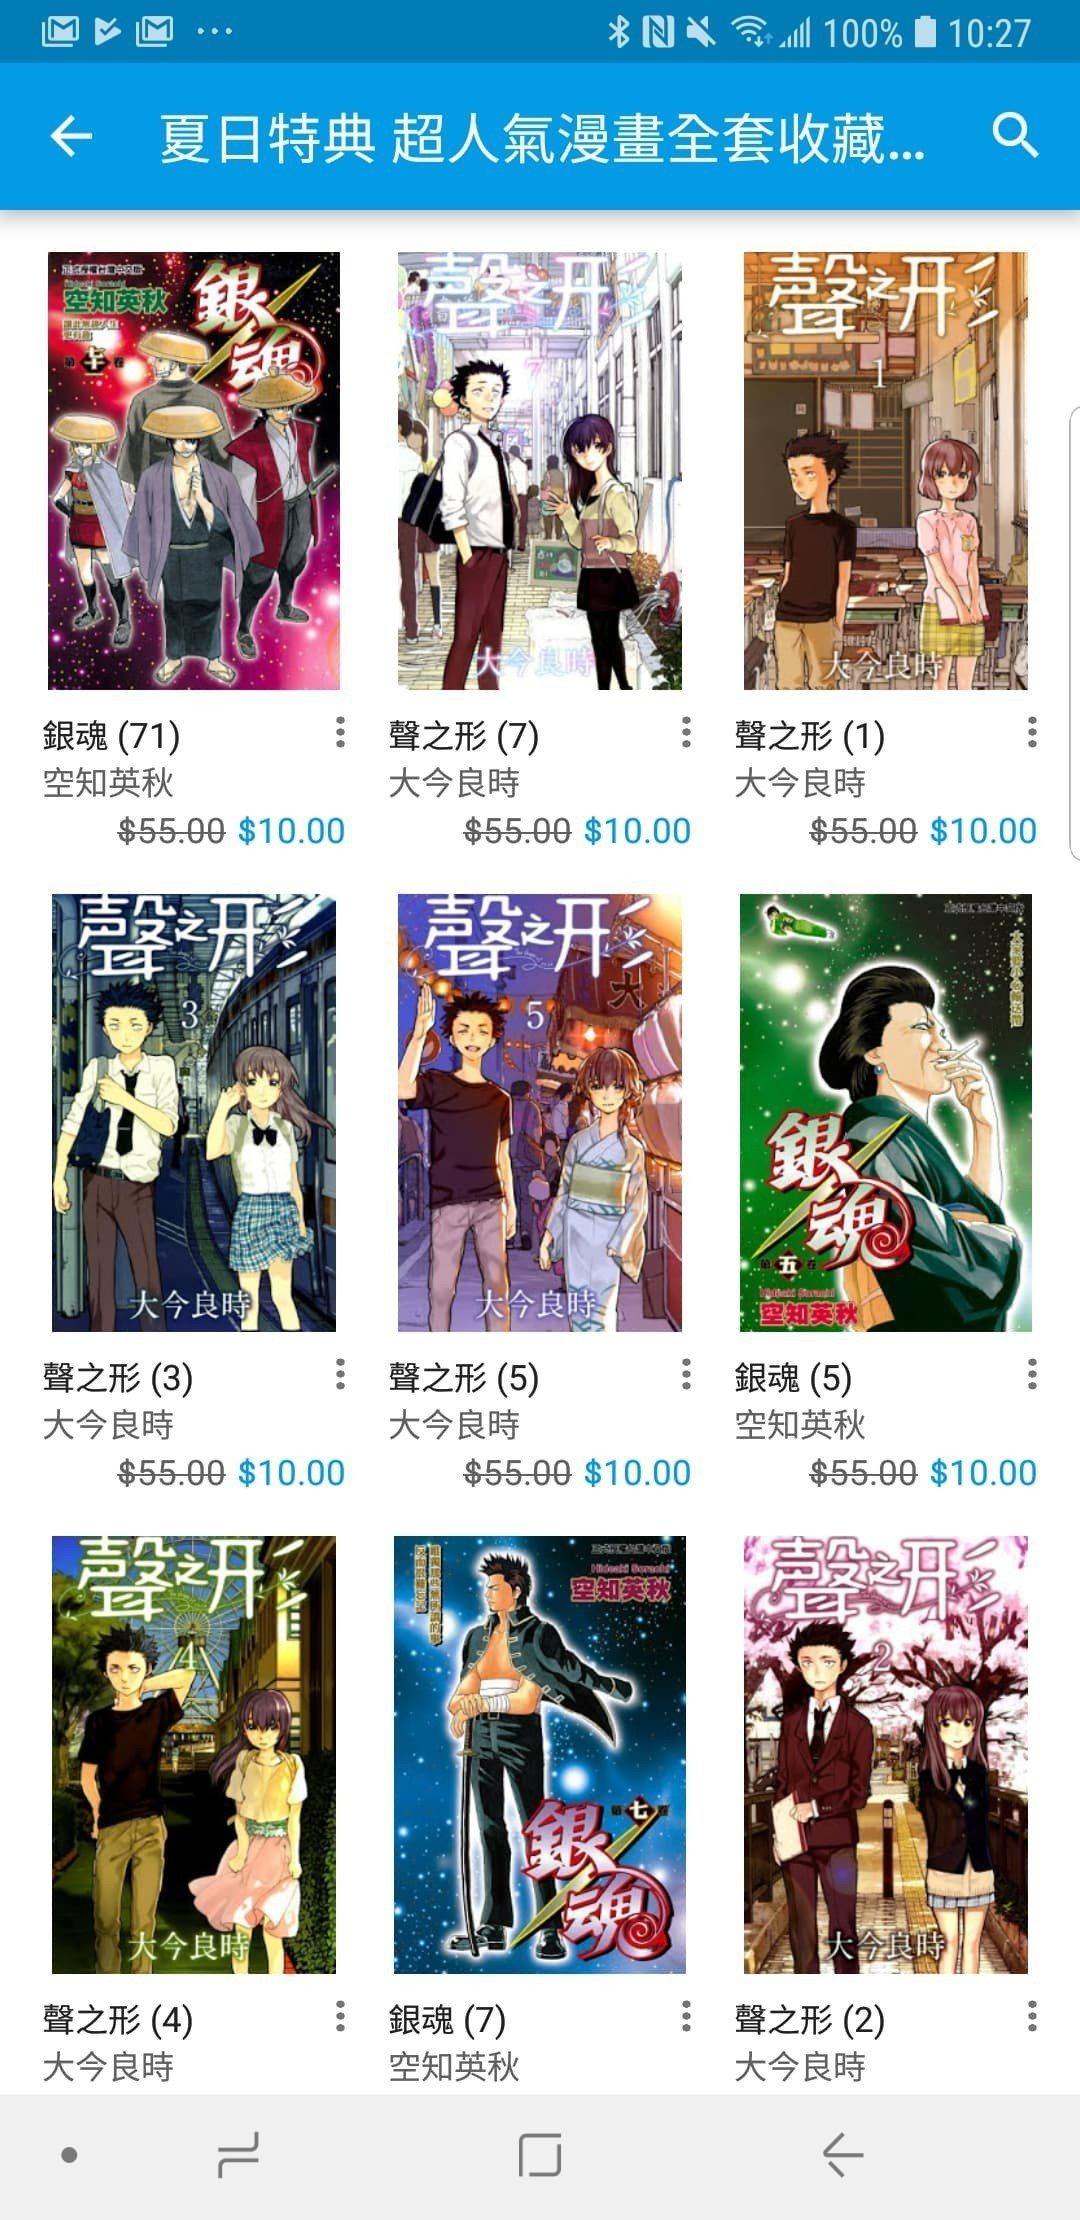 Google Play圖書推出漫畫每本10元的限時大優惠,每週推出兩部暢銷主打漫...